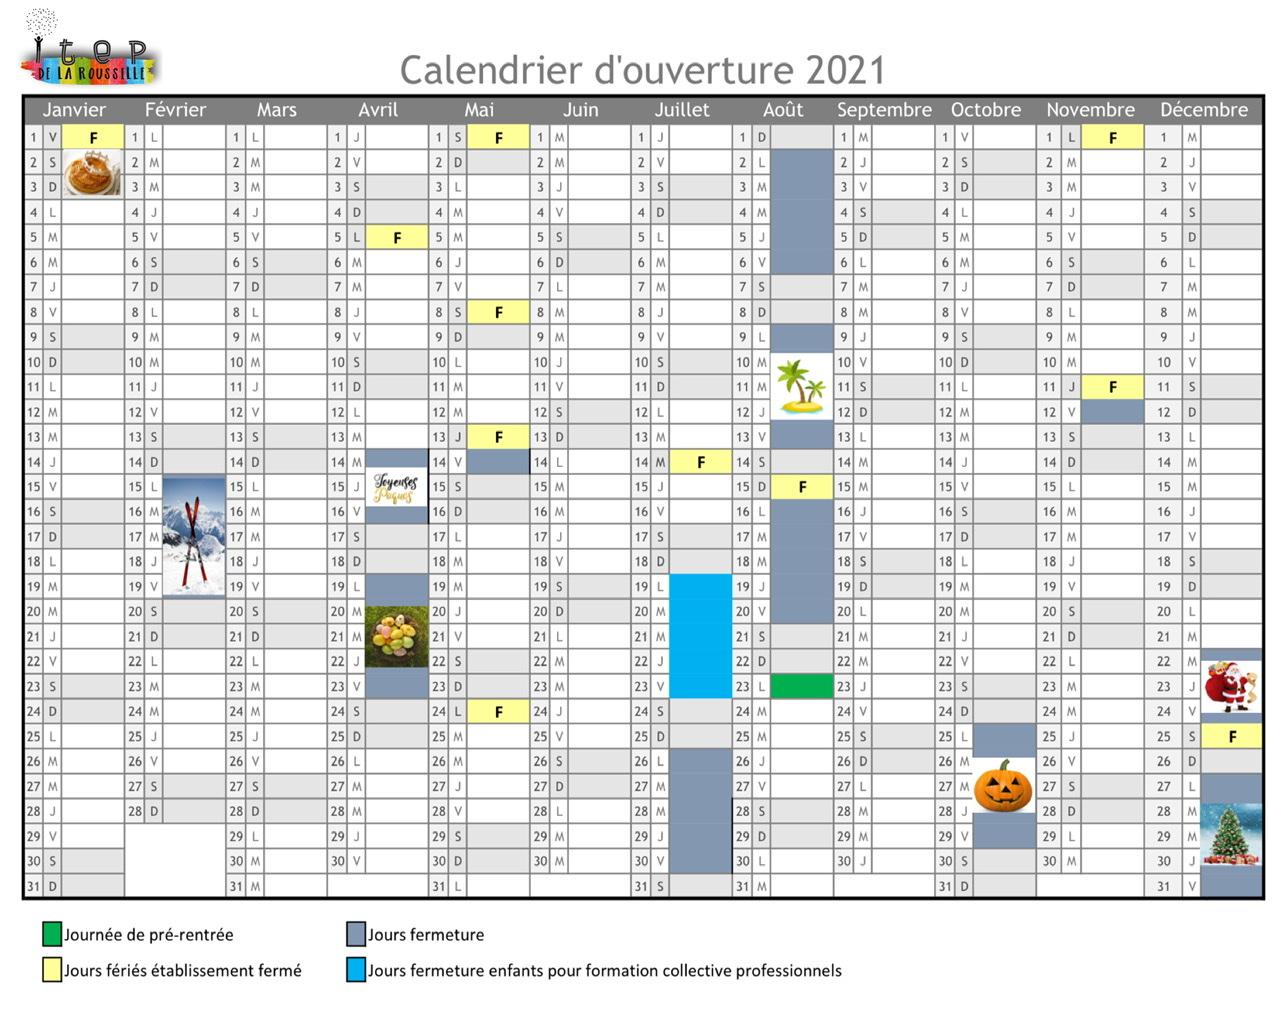 Le calendrier d'ouverture 2021 de l'ITEP de la Roussille